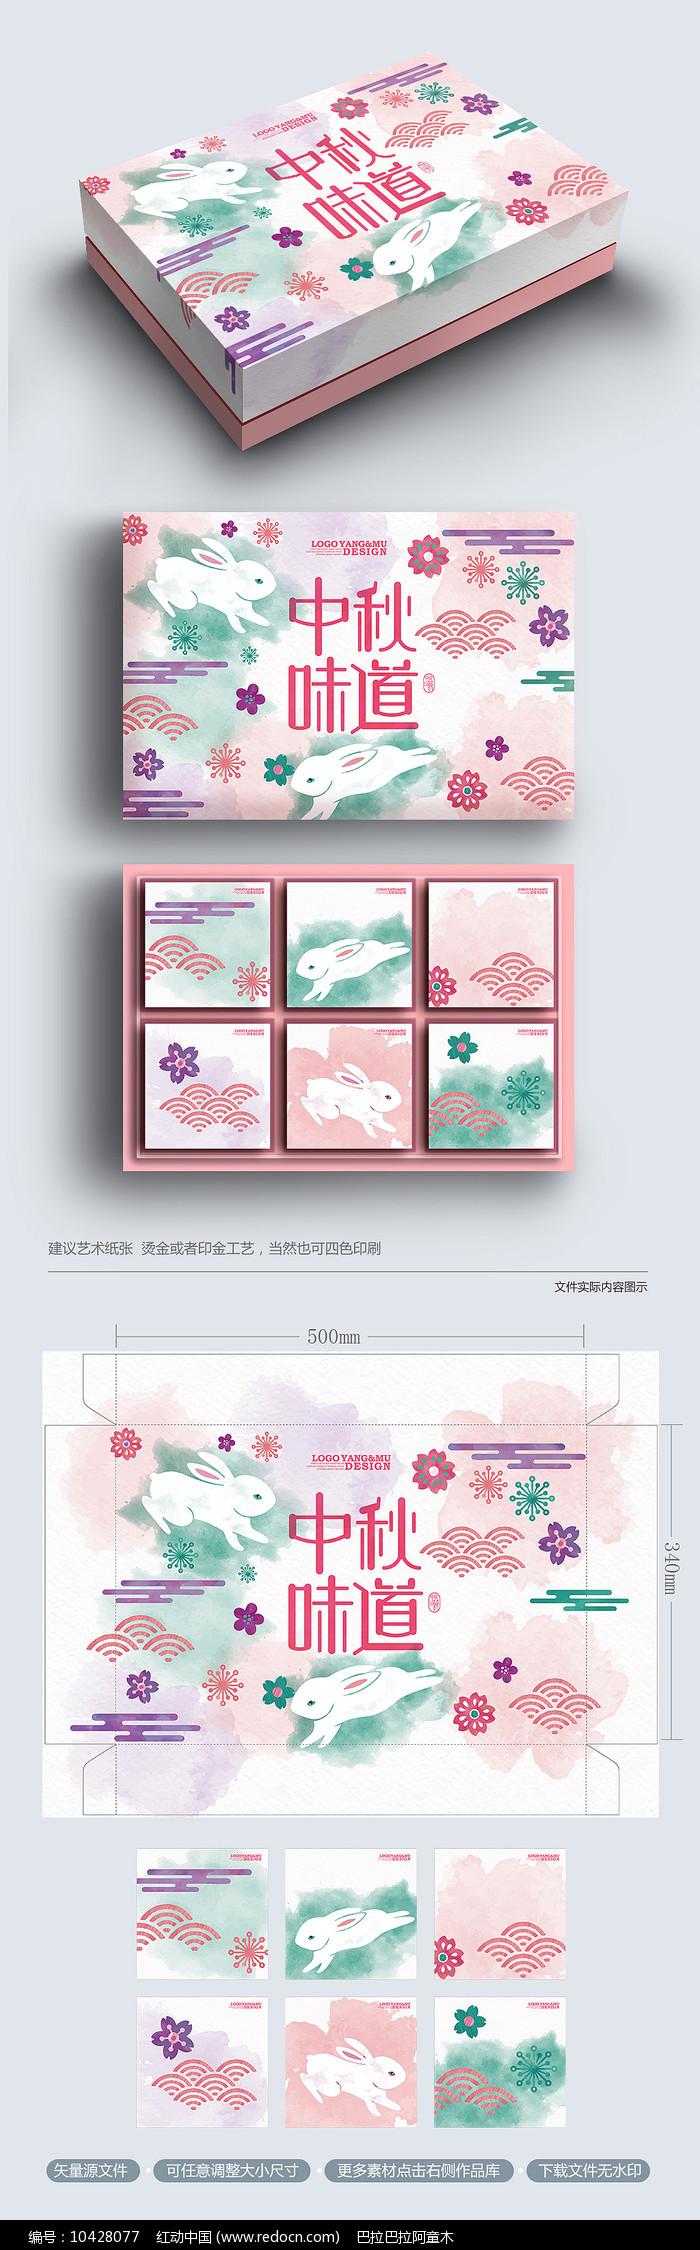 水彩插画高端中秋月饼礼盒包装图片